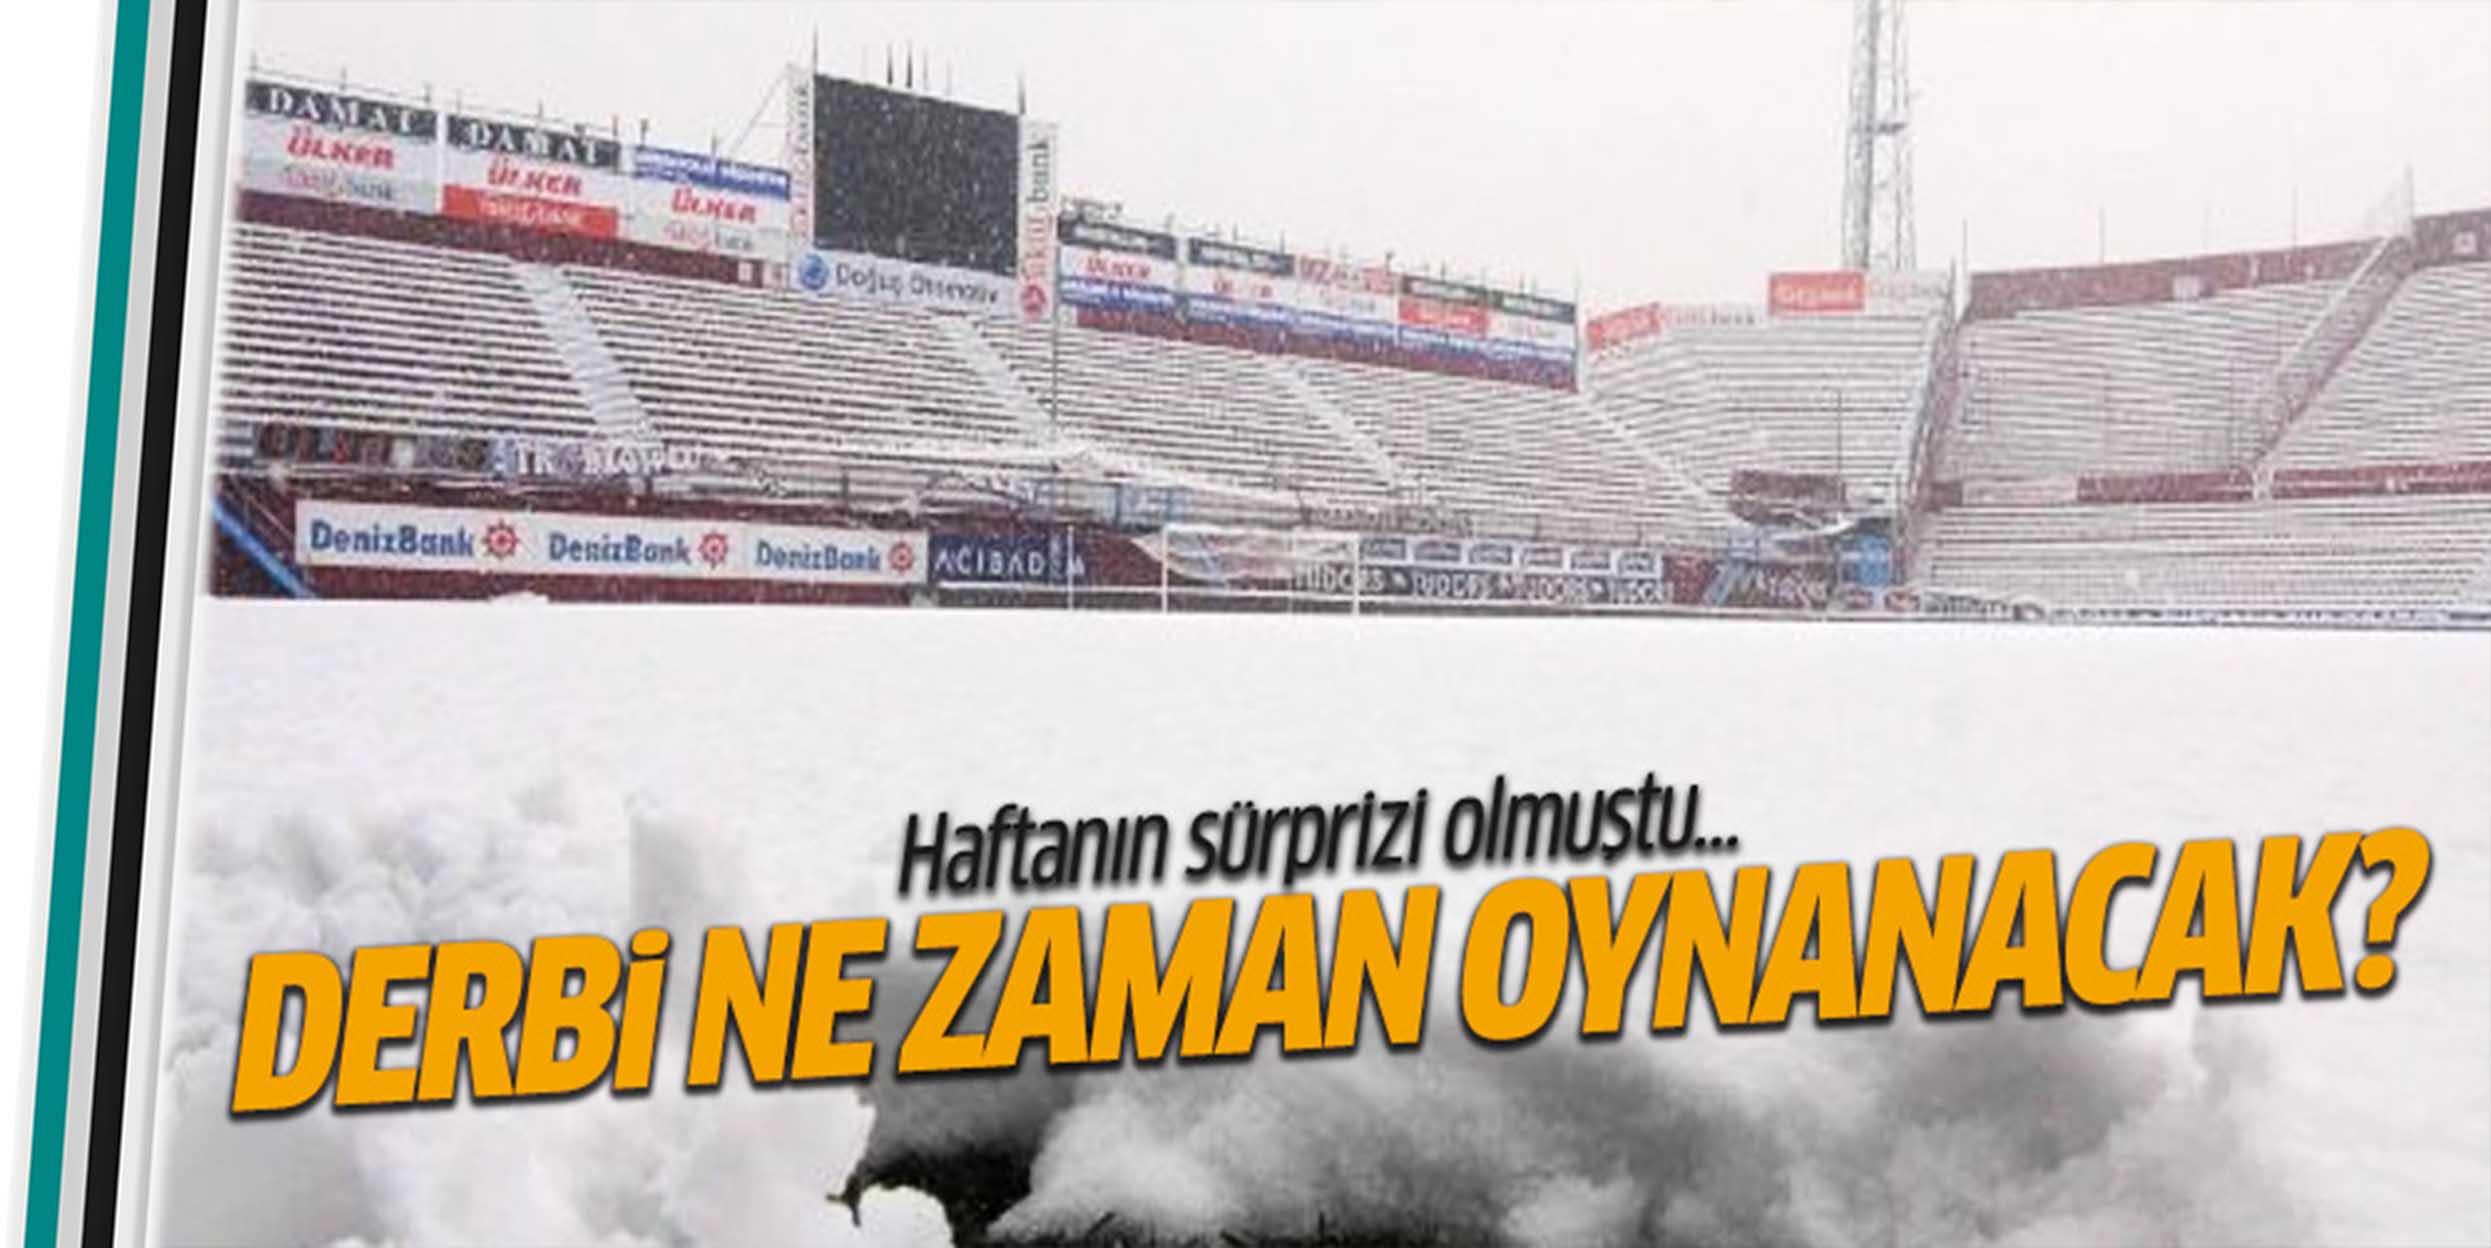 Trabzonspor - Beşiktaş maçı ne zaman oynanacak?